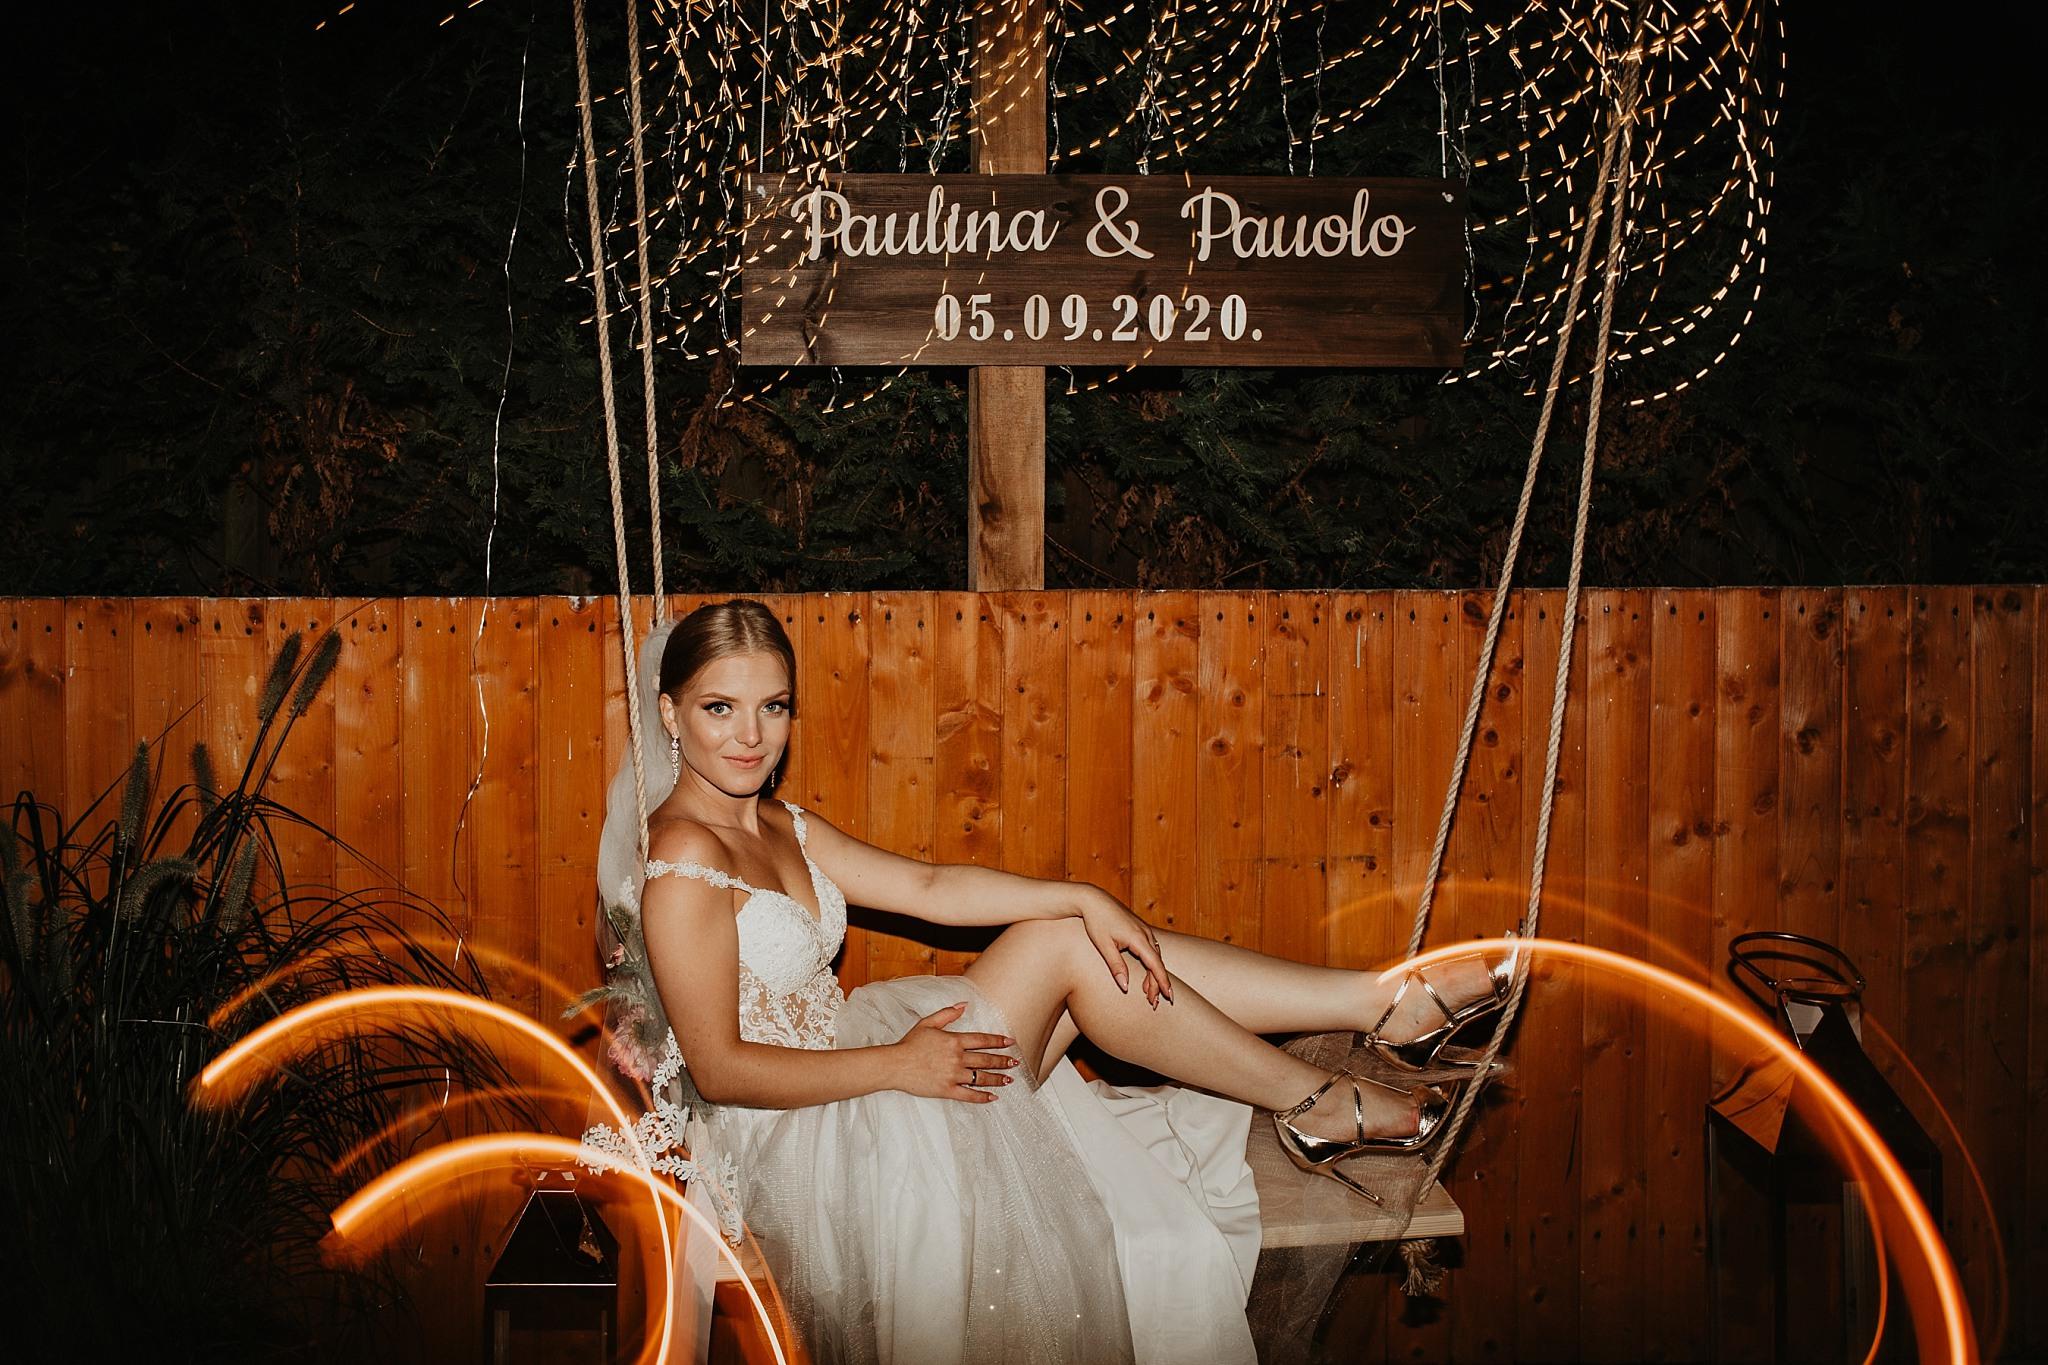 Paulina Pauolo 670